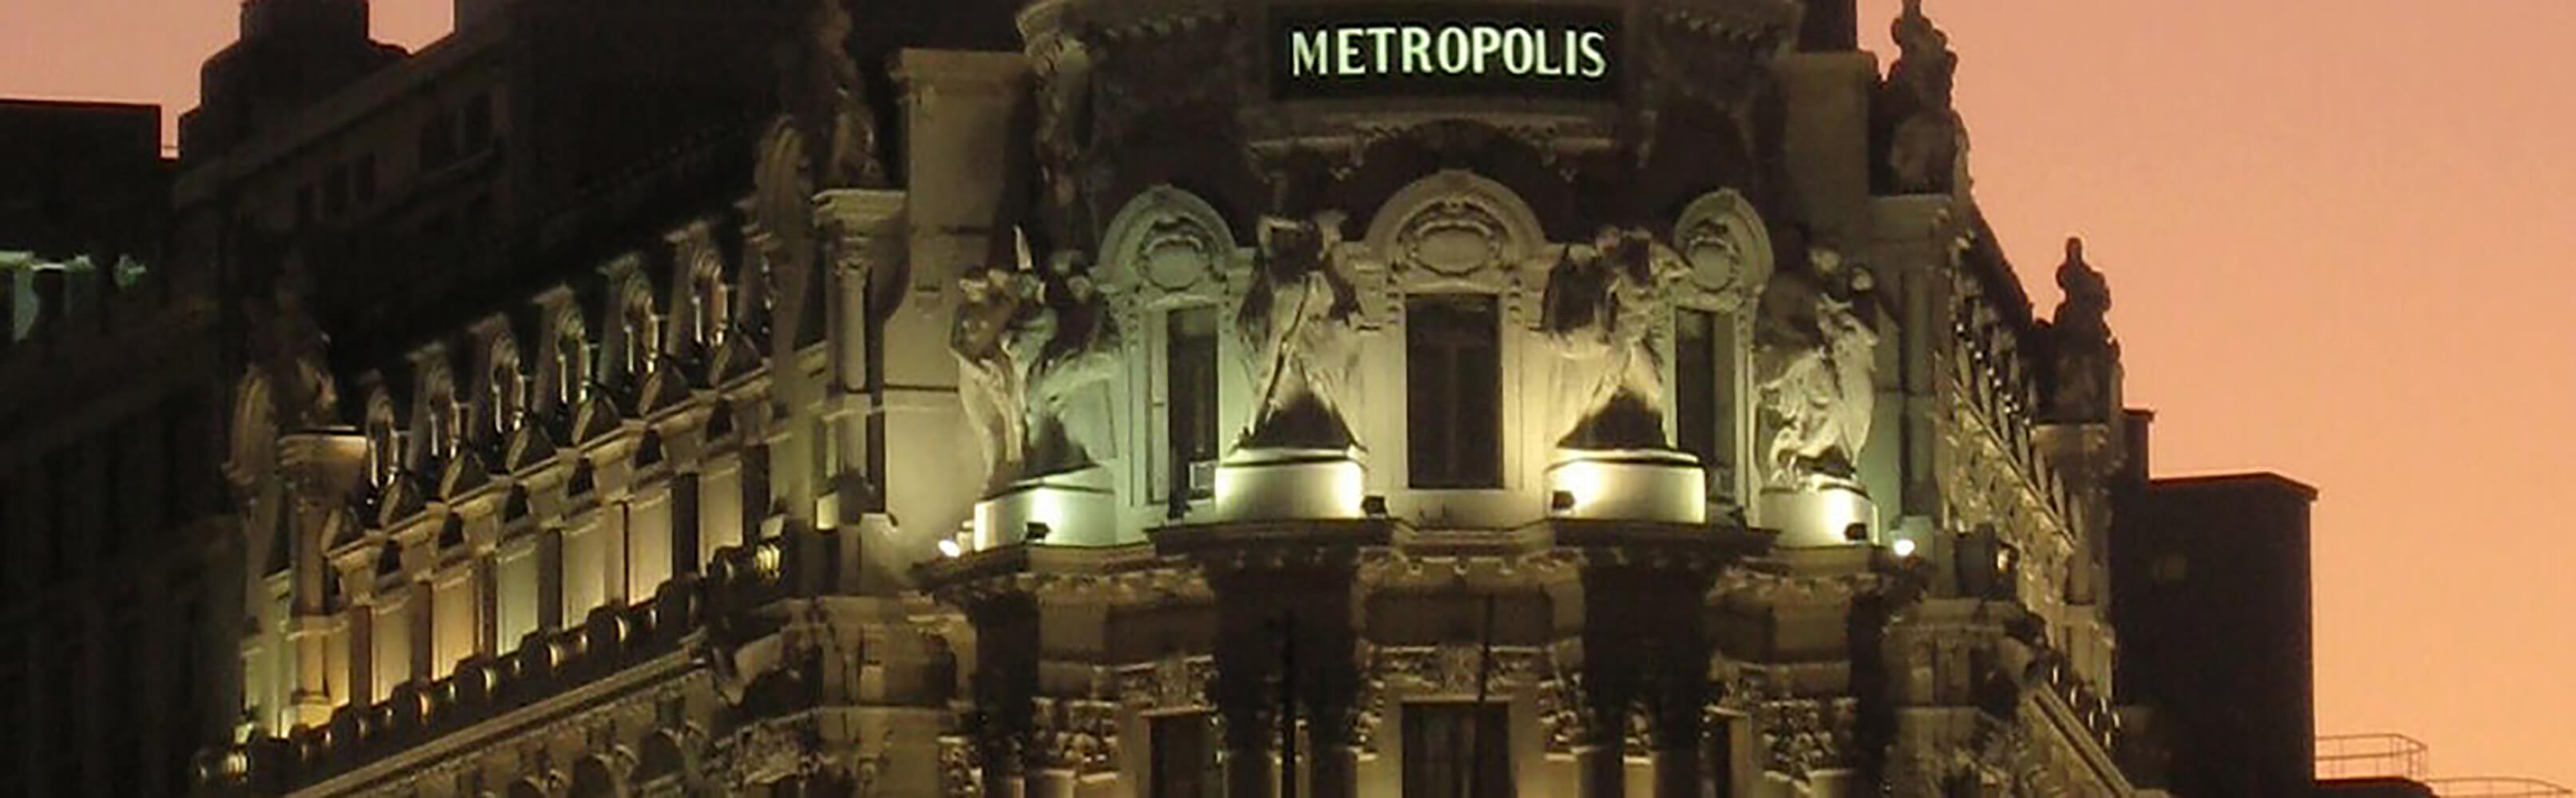 Metropolis-Haus 1